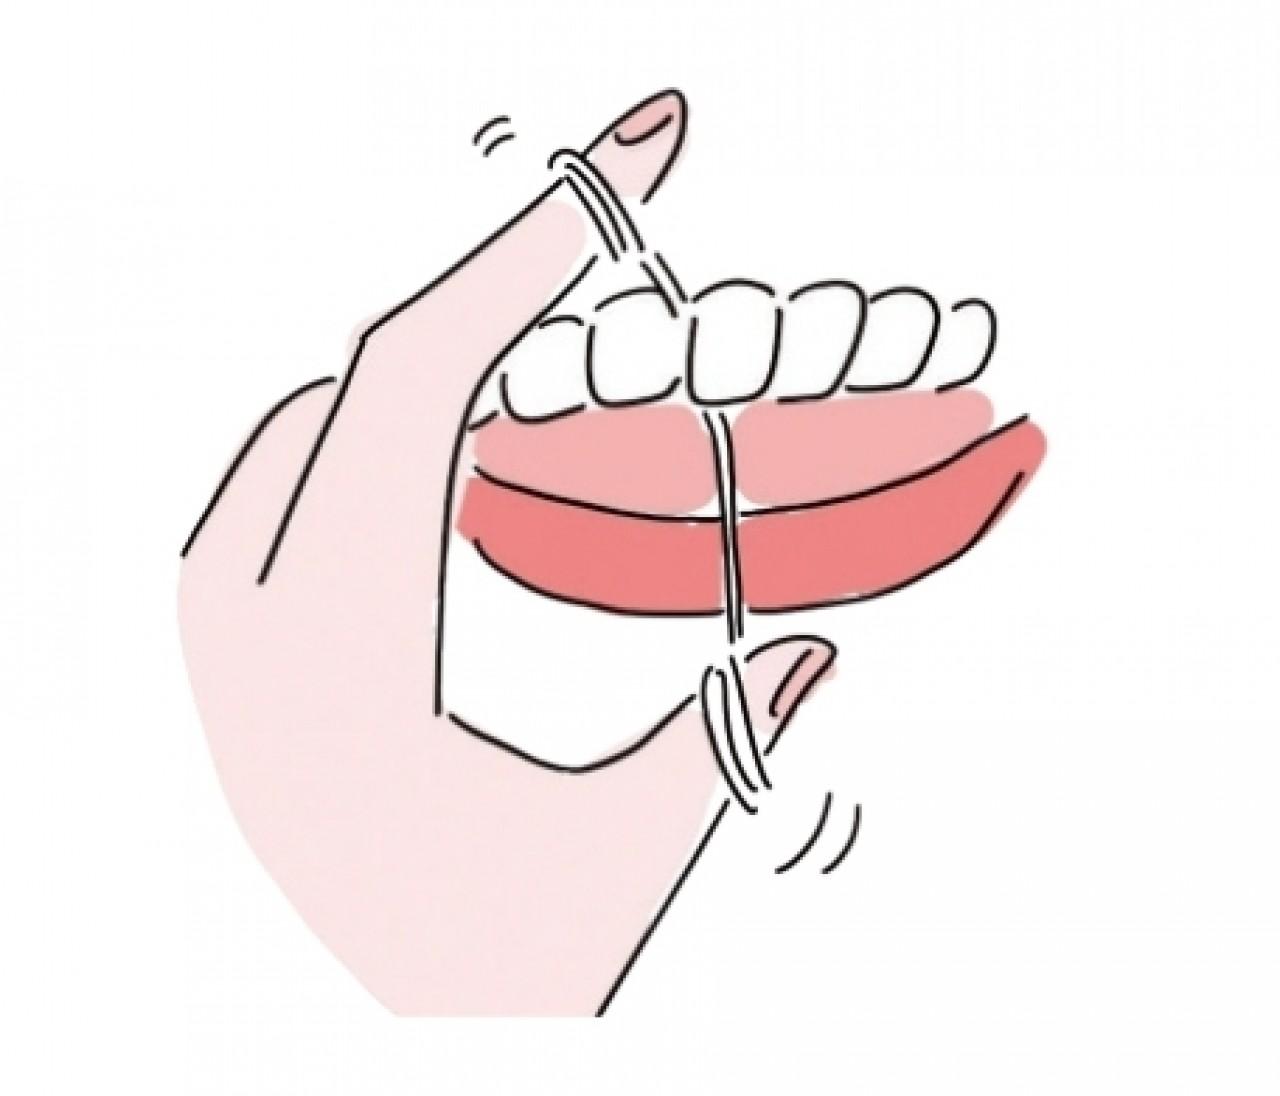 【歯・口内トラブル】自宅でできる正しい歯の磨き方&おすすめケアアイテム5選